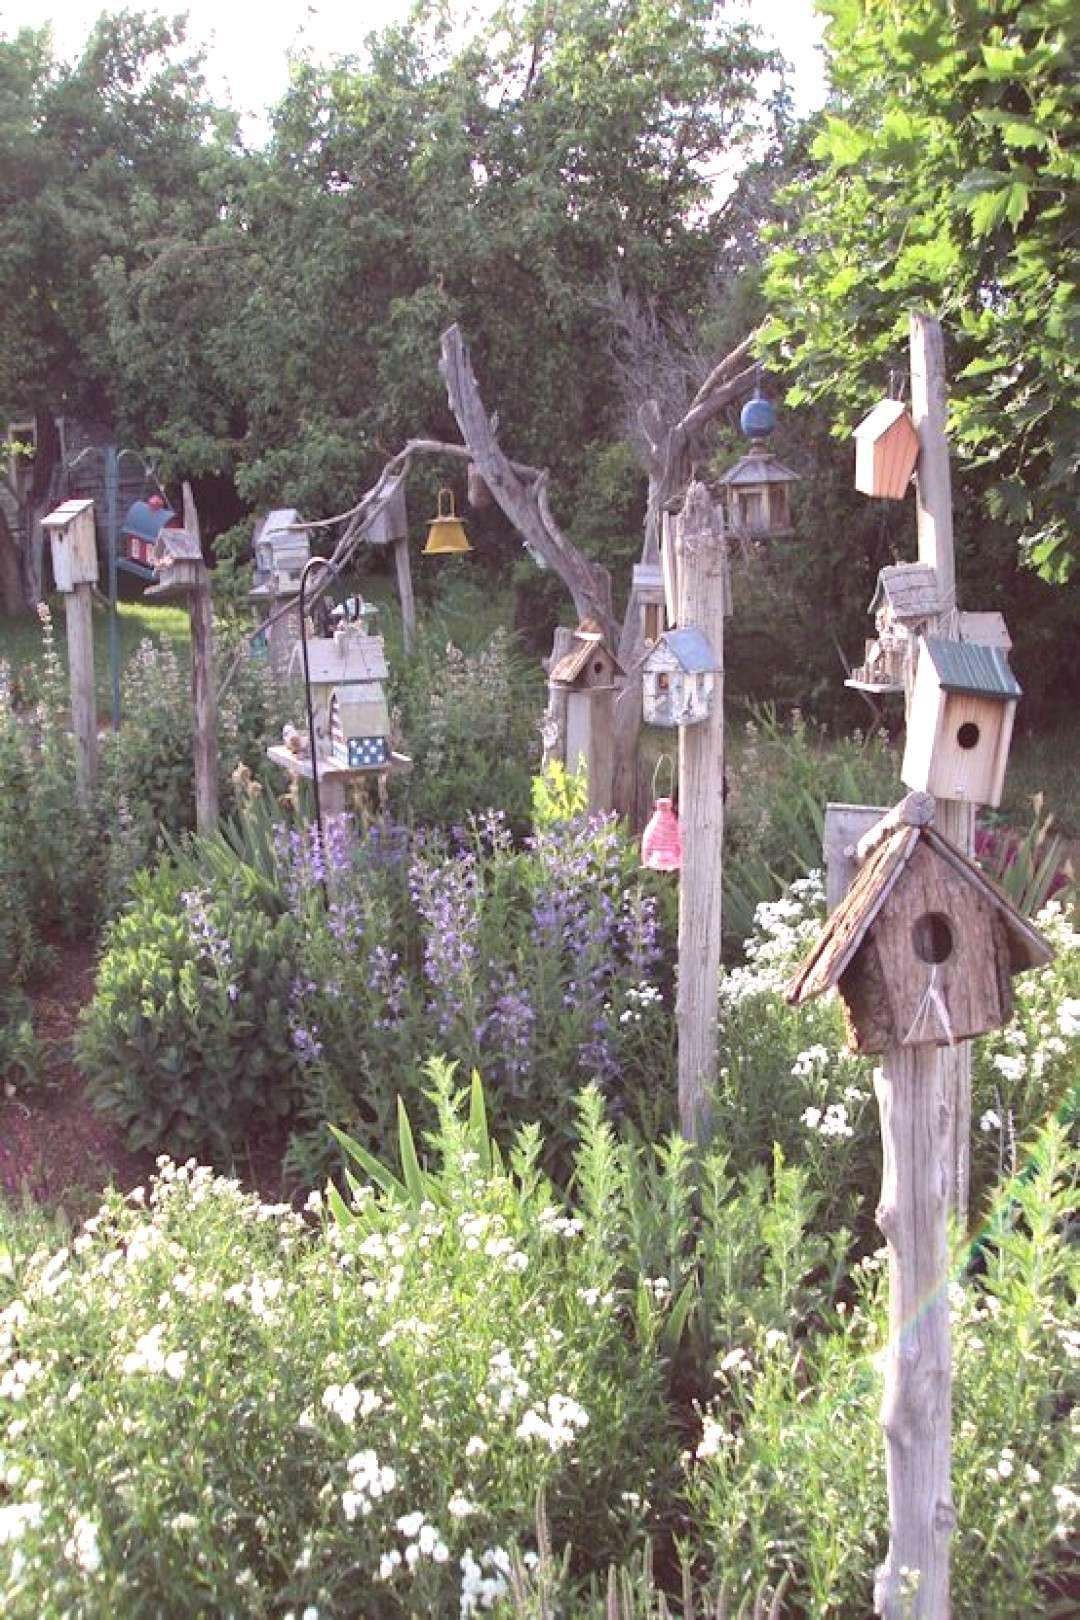 Vogelhauschen Tragen So Viel Zum Garten Bei Vogelhauschen Tragen So Viel Zum Garten Bei Bei Hinterhof Garten Garten Garten Design